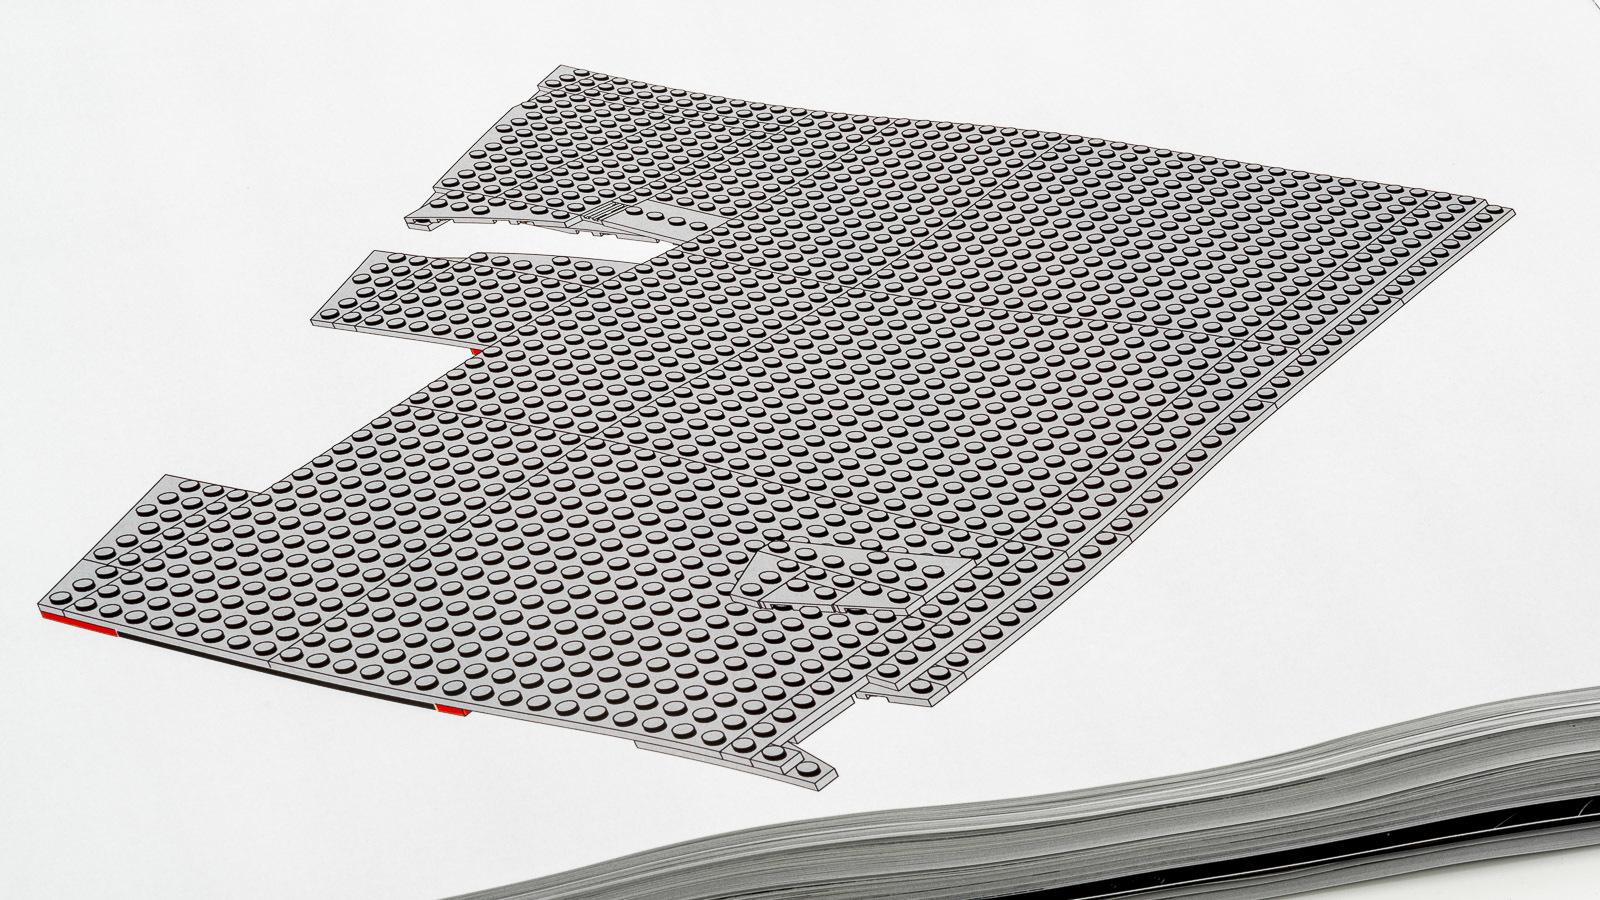 全長1mオーバー、LEGOで組む巨大なスター・デストロイヤーに本物の「優しさ」を感じた話_b0029315_17501776.jpg